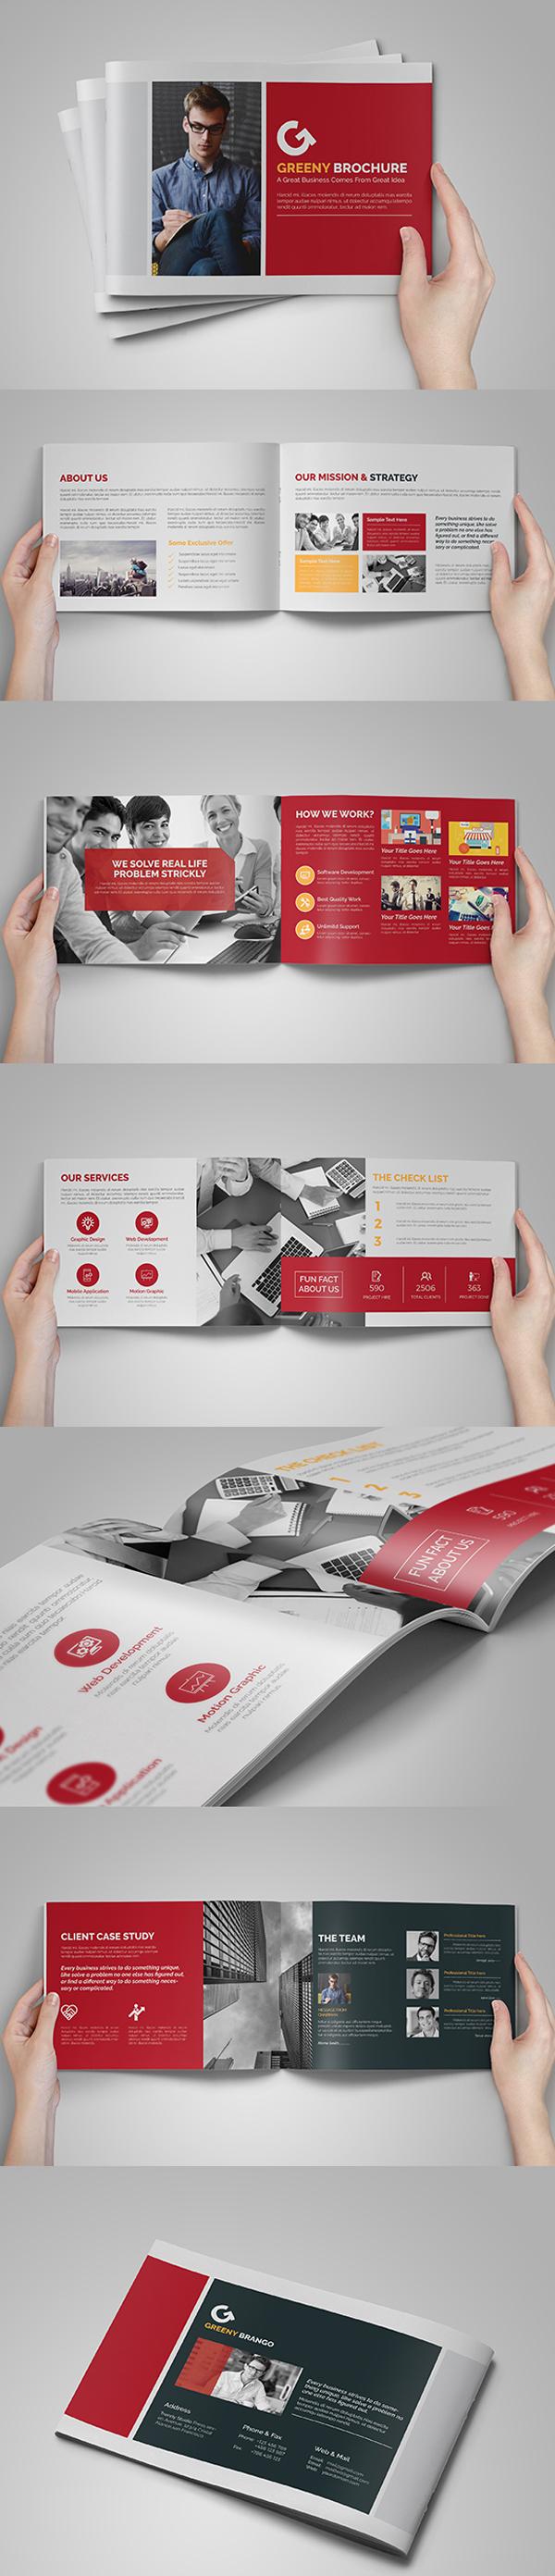 上海画册设计公司创意画册-A5 14P企业手册目录多用途设计模板